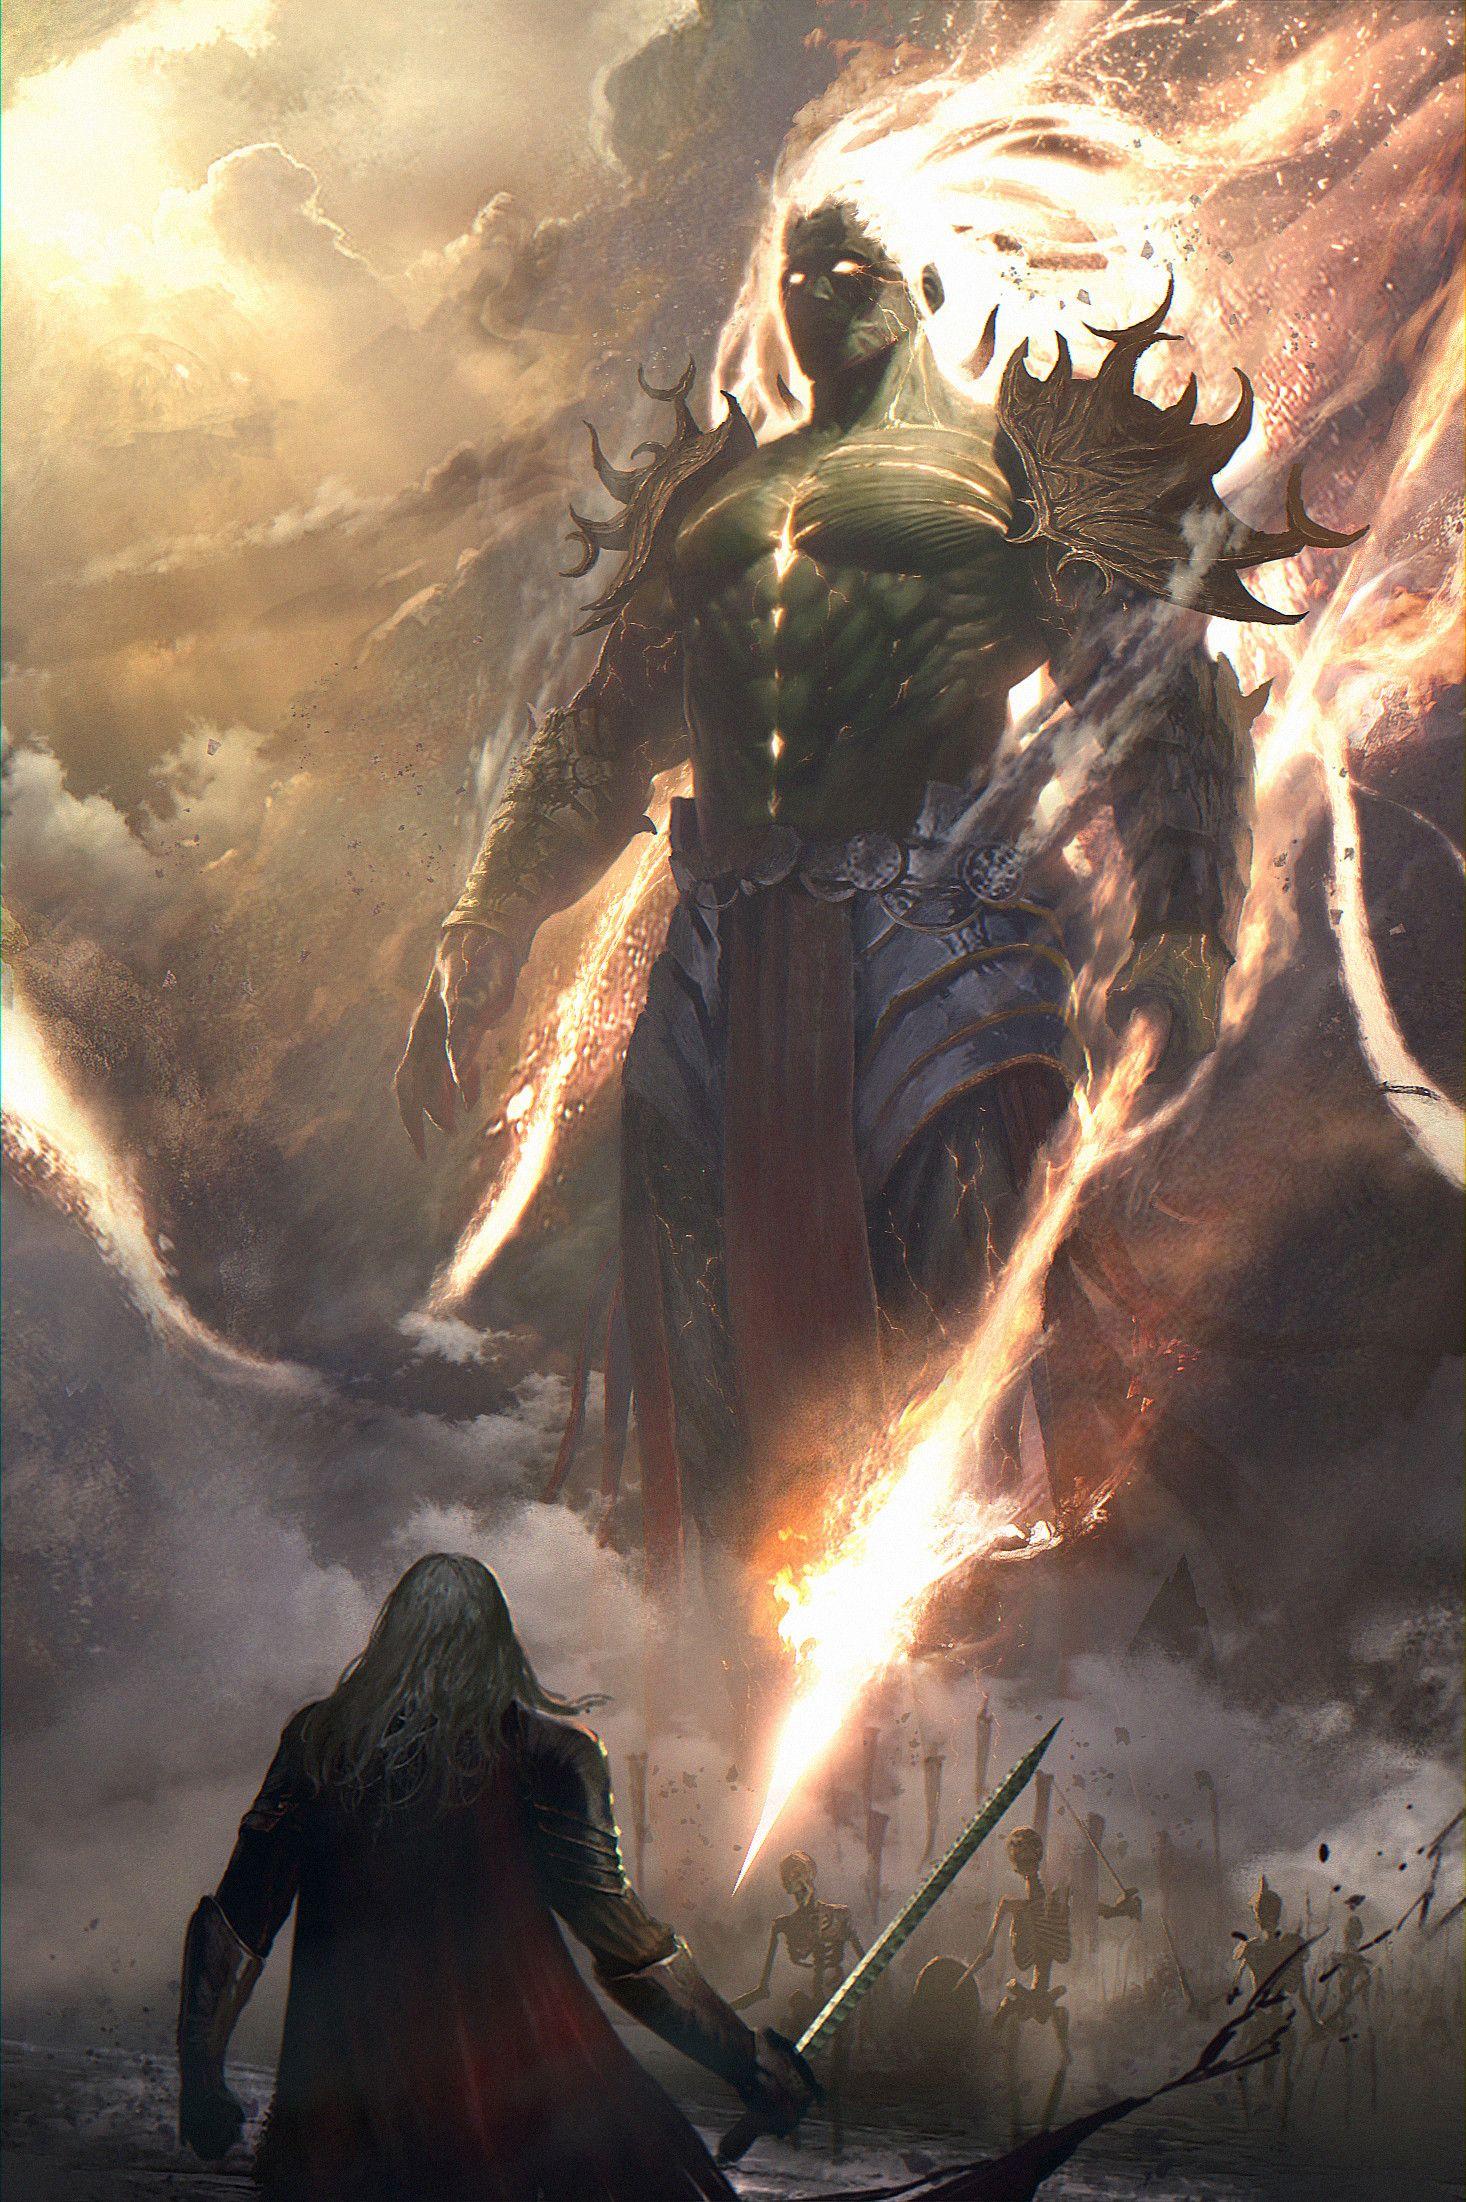 The Dark Fantasy Artworks of Stefan Koidl | Horror Themed